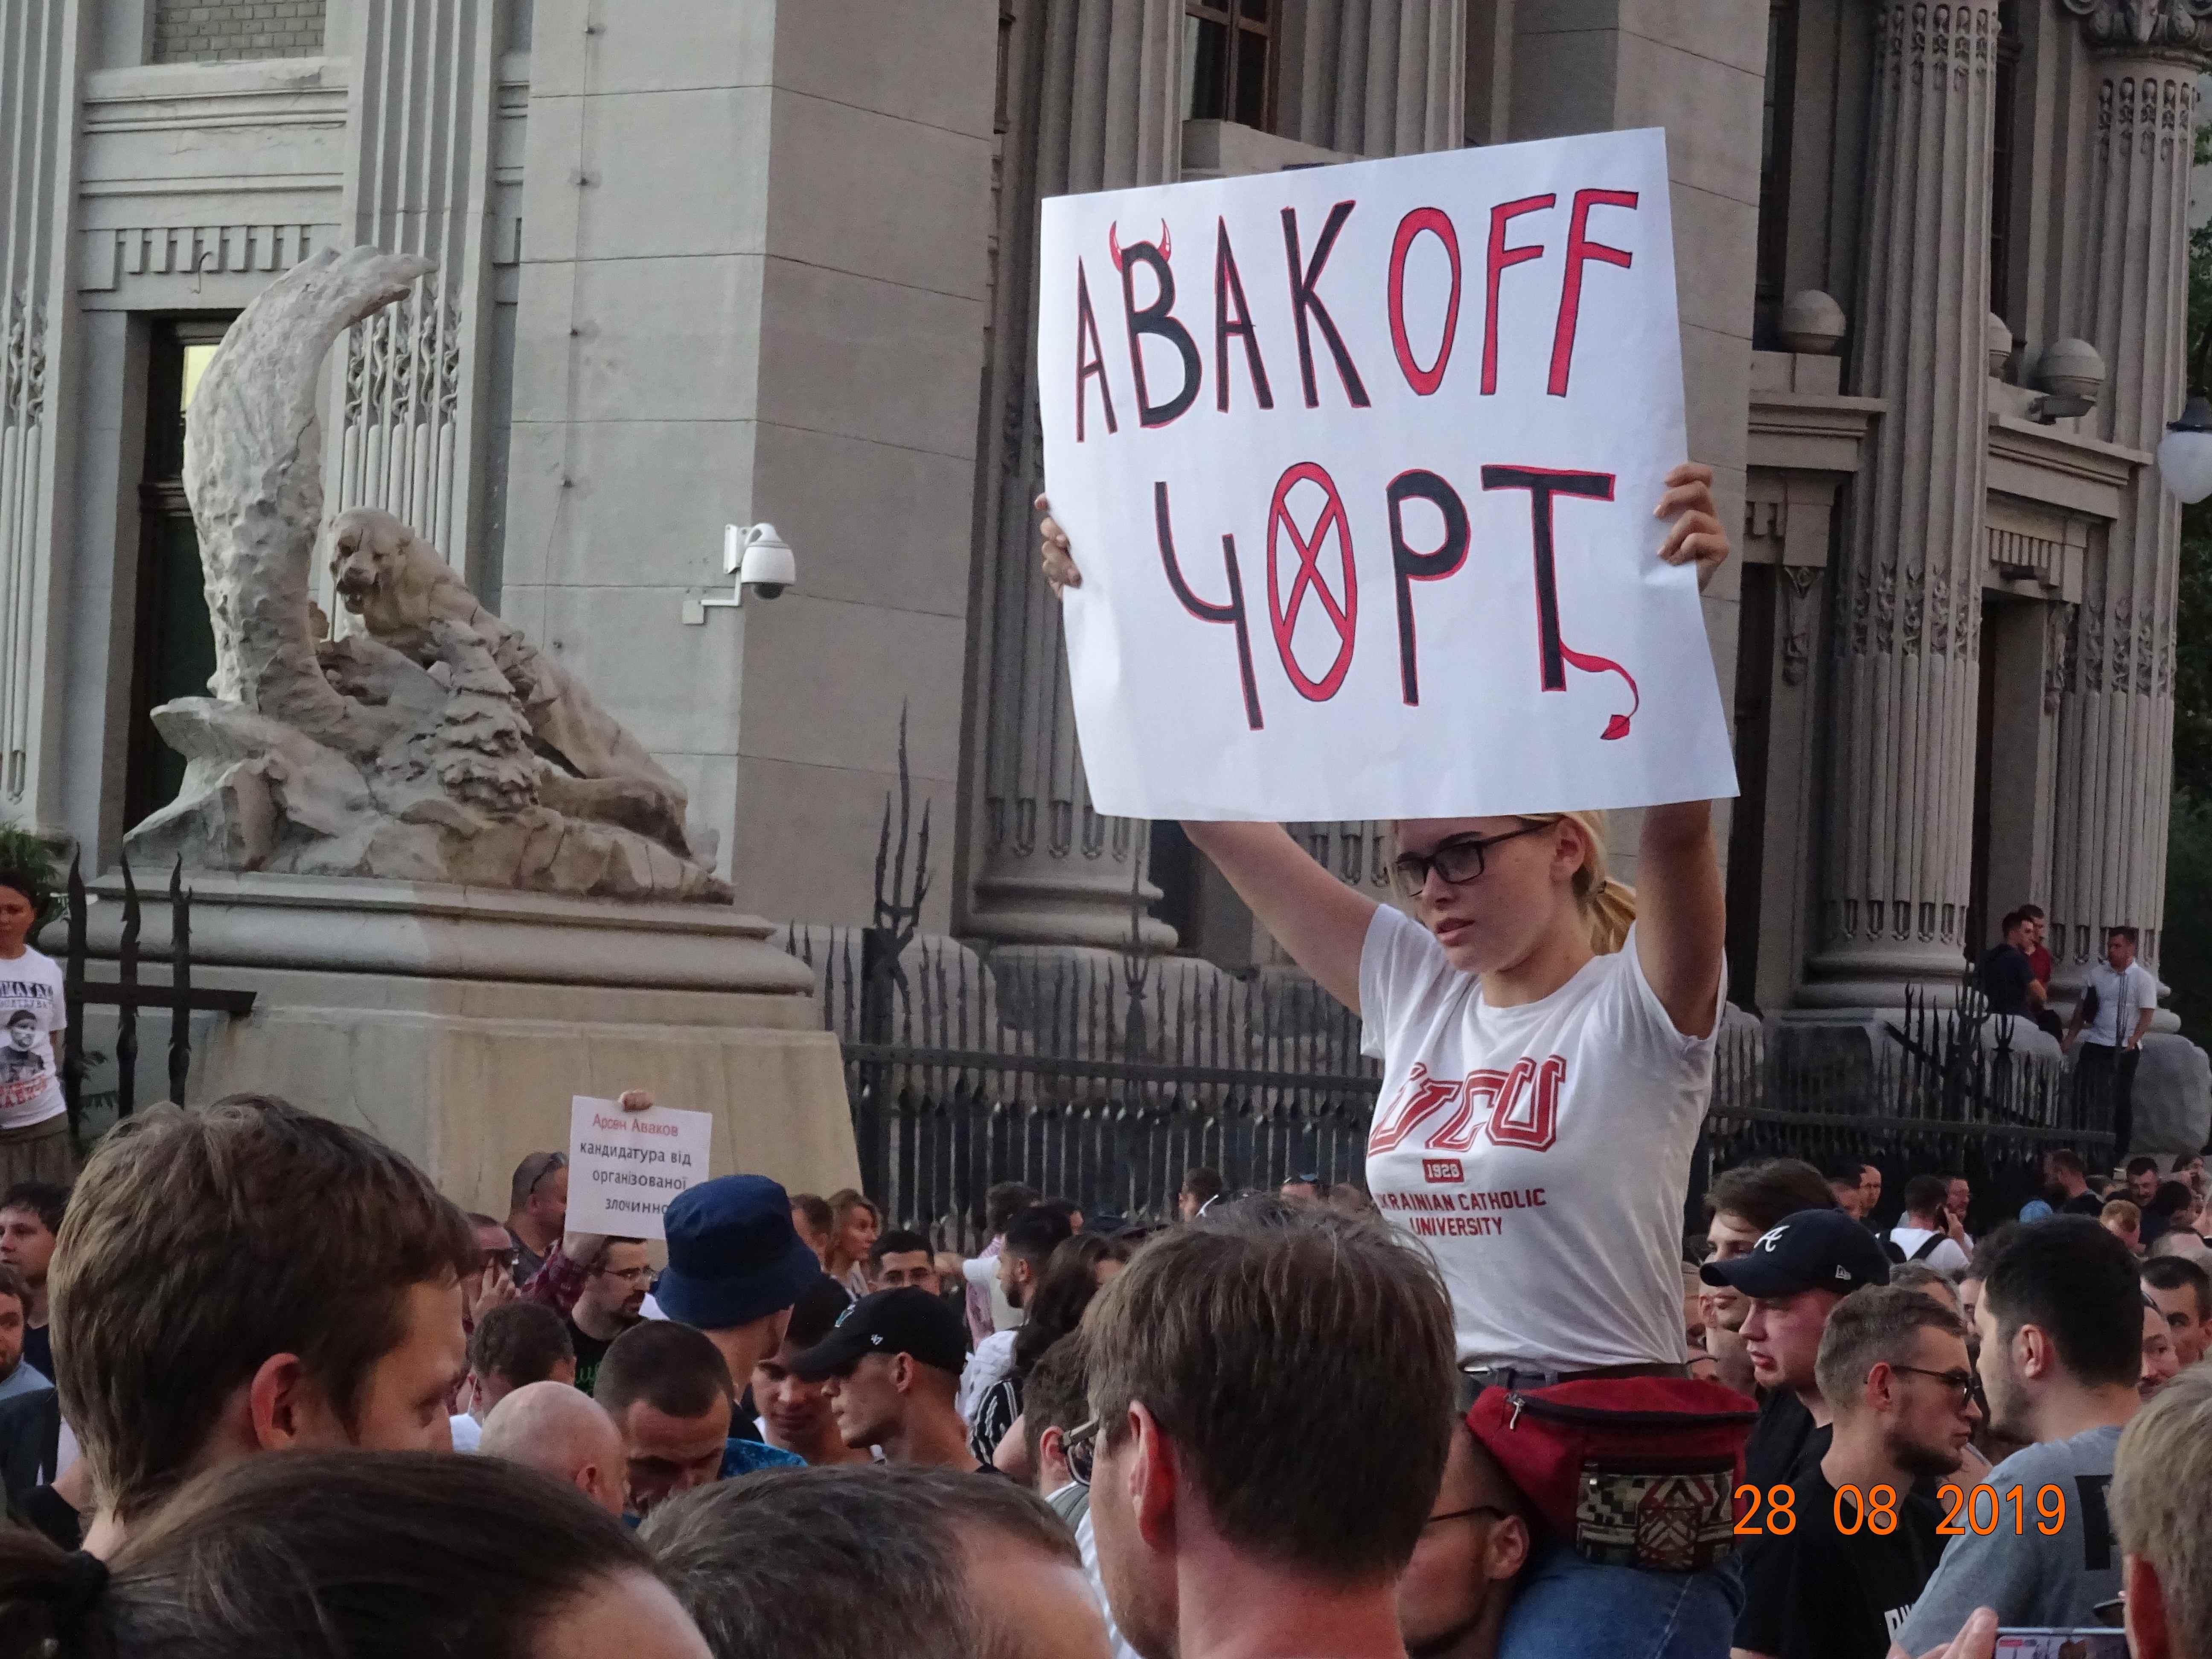 Avakov-Chort-Devil - Avakov-Chort-Devil-image027.jpg